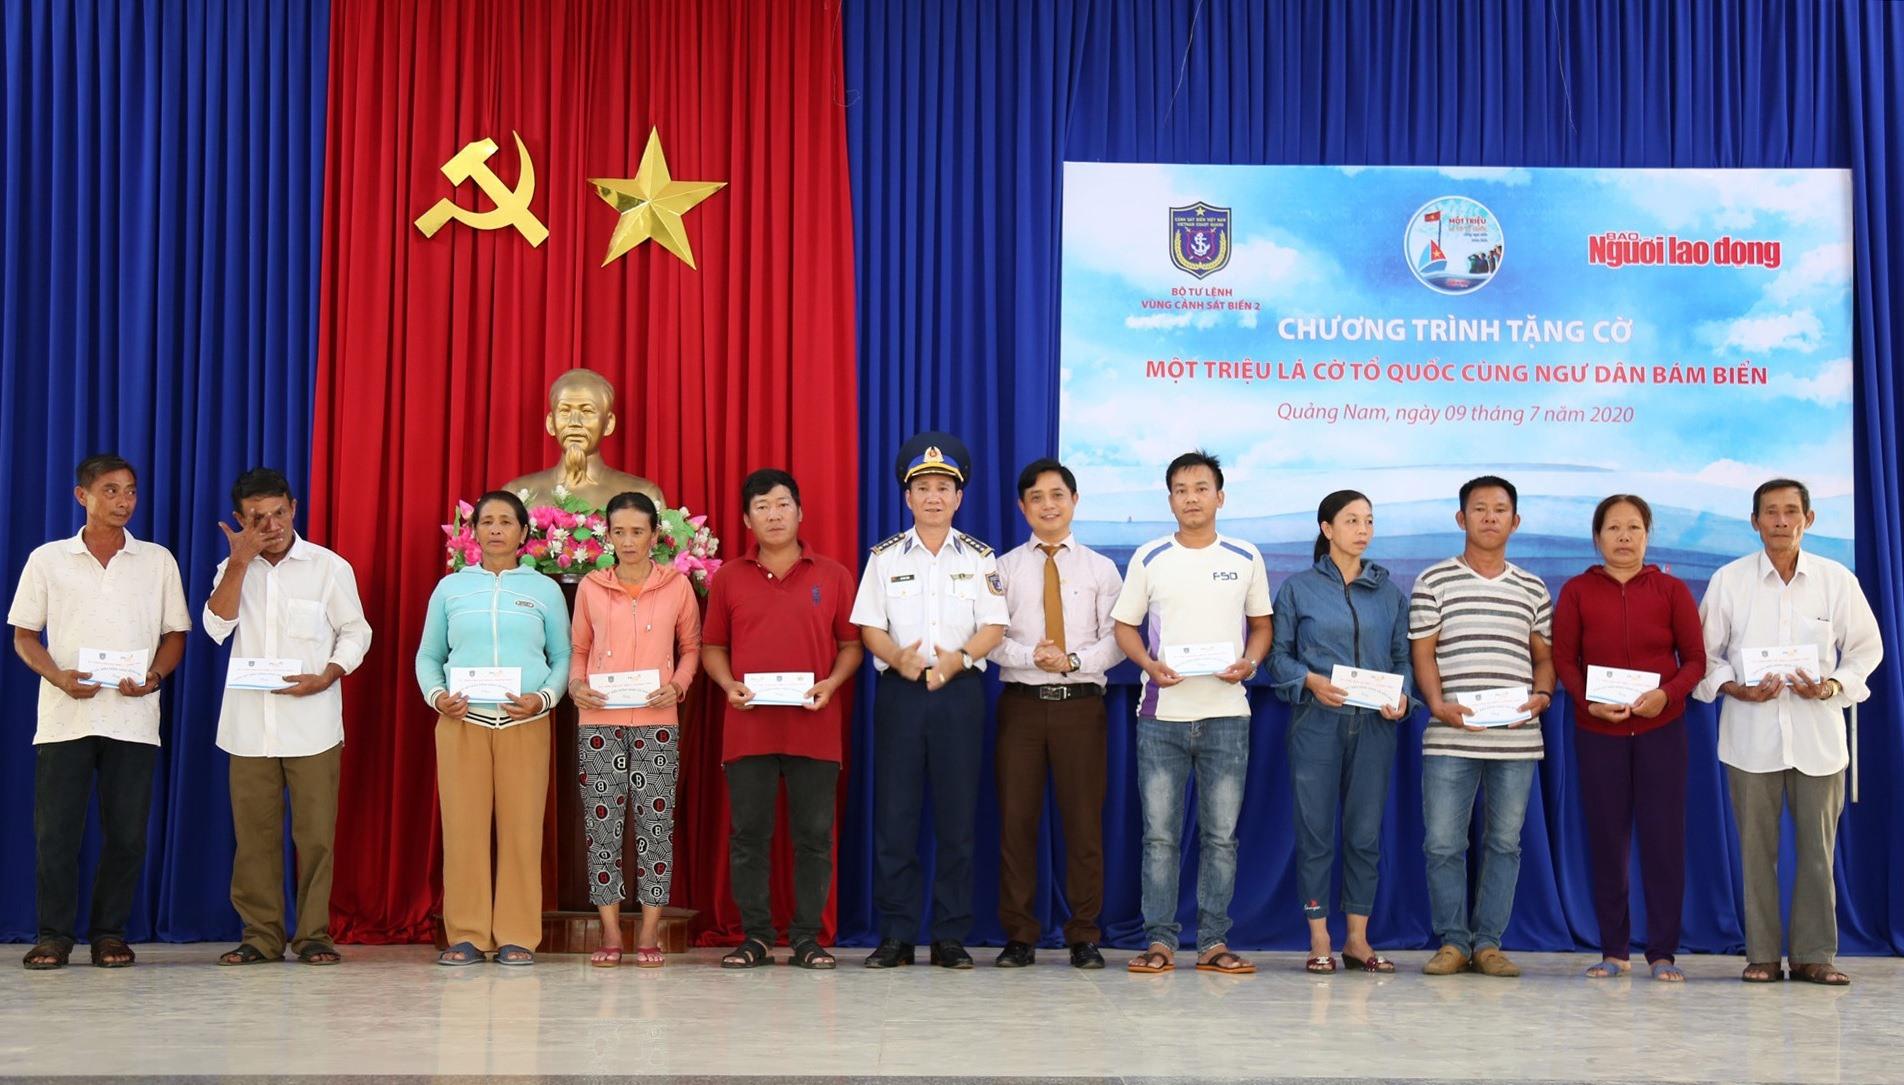 Ngoài cờ Tổ quốc, Báo Người Lao Động còn trao tặng 20 túi sơ cấp cứu cho ngư dân.